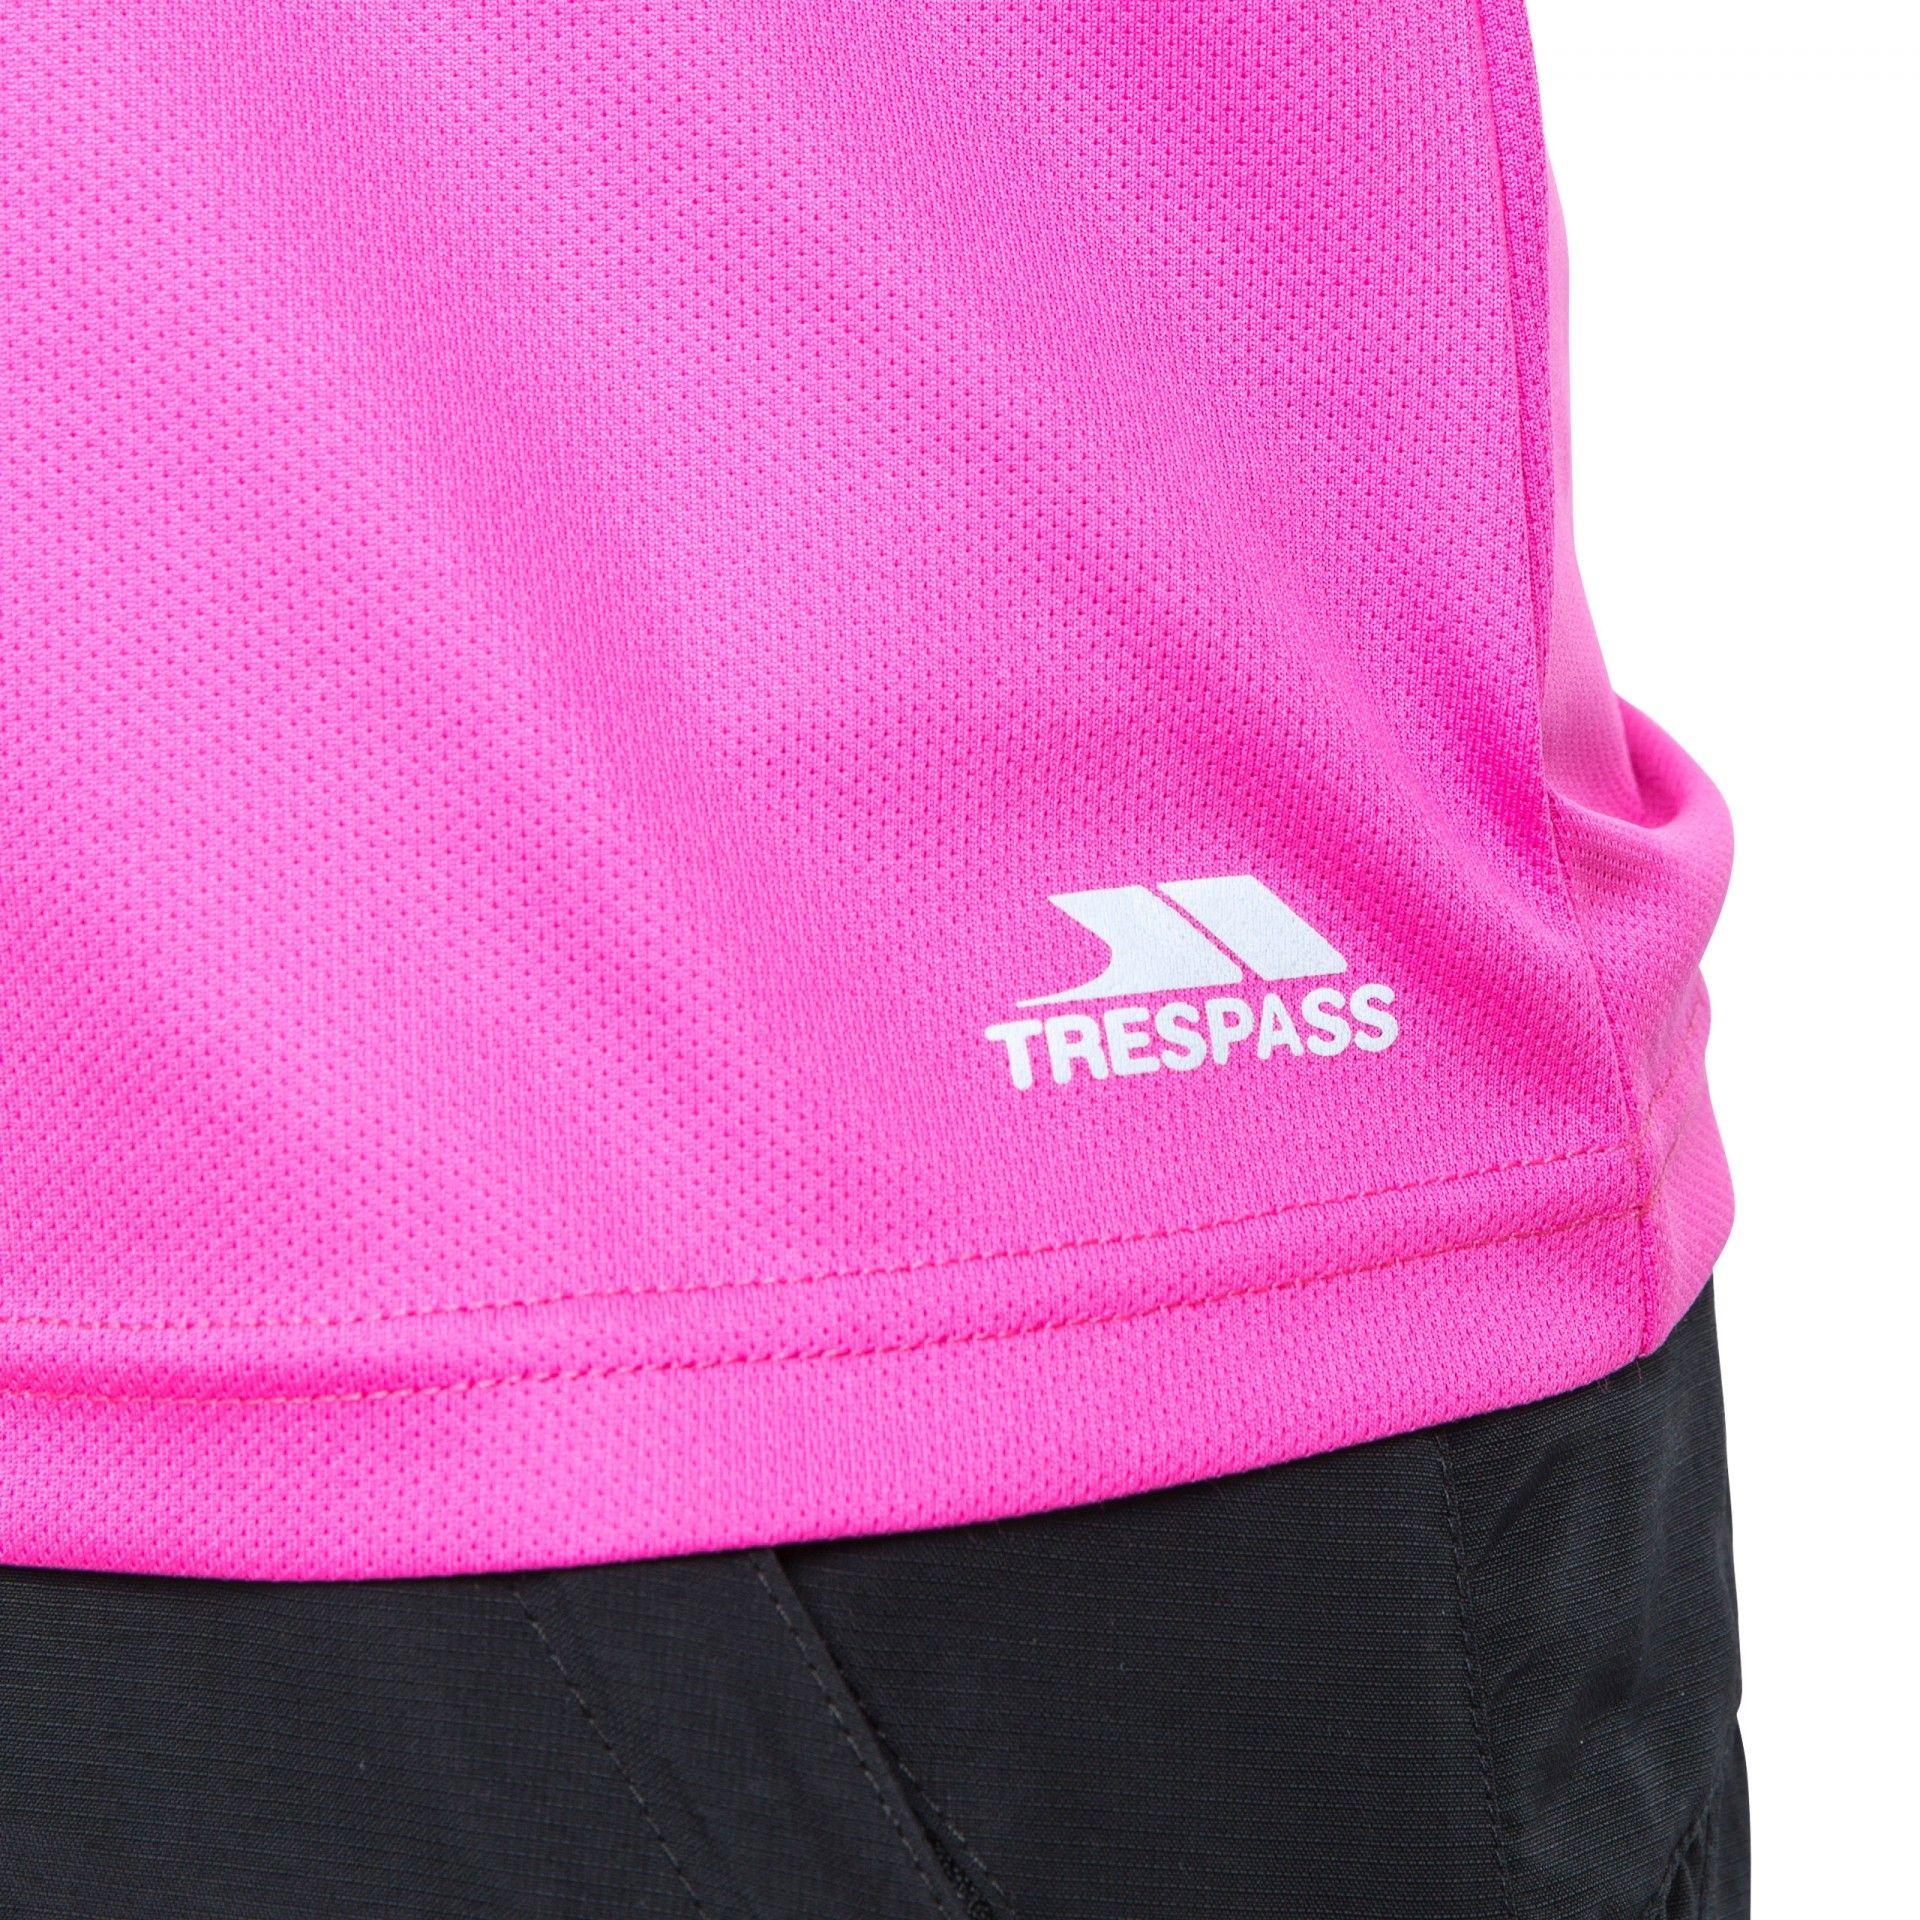 Trespass Womens/Ladies Tissy Active Sleeveless Vest